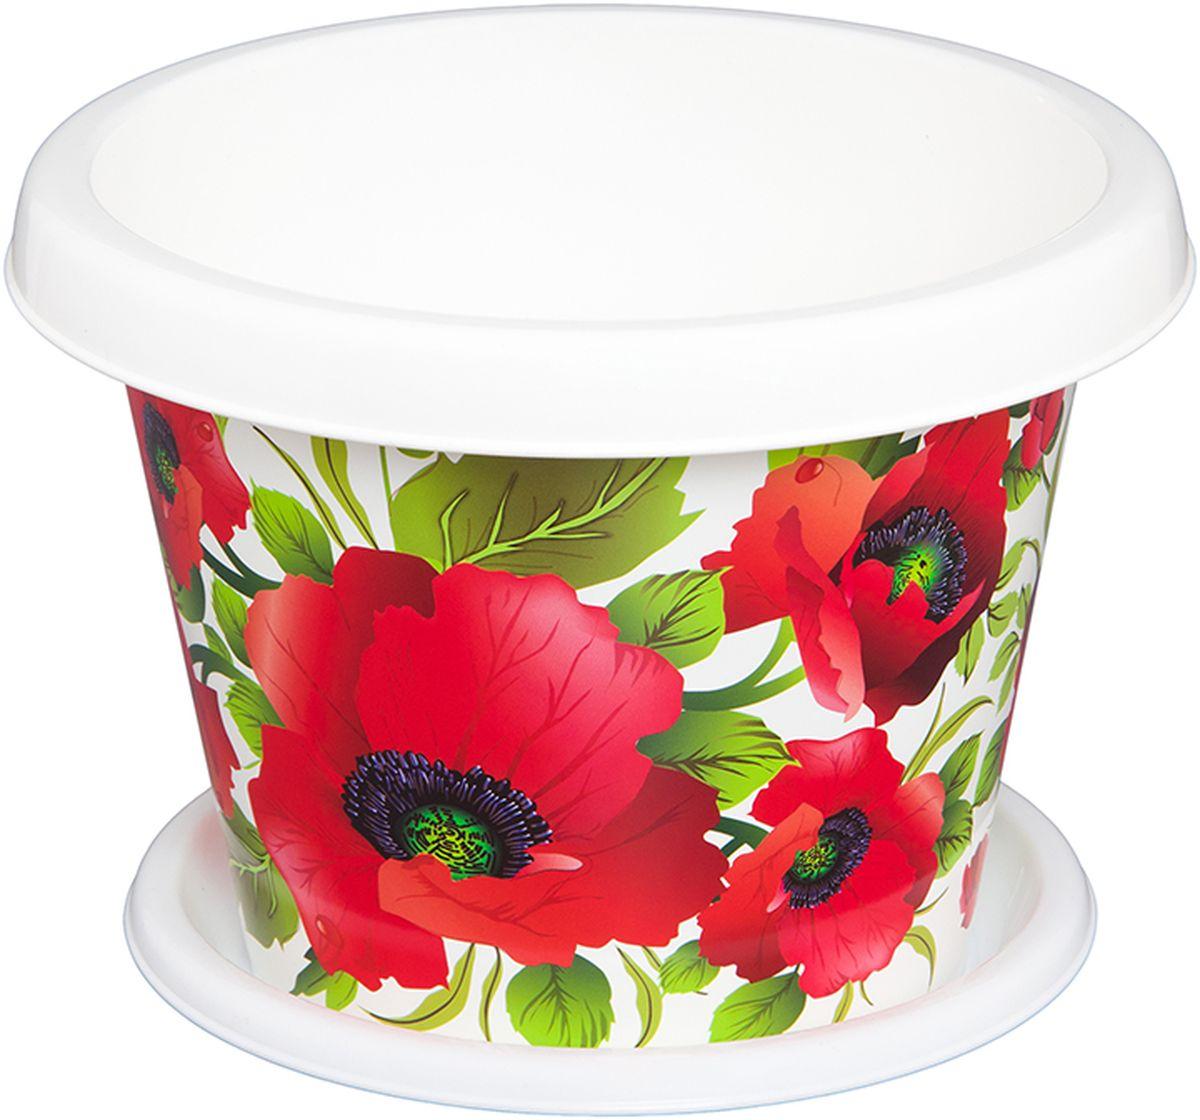 Кашпо Violet Маки, с поддоном, 8 л531-105Кашпо Violet изготовлено из высококачественного пластика. Специальный поддон предназначен для стока воды. Изделие прекрасно подходит для выращивания растений и цветов в домашних условиях. Лаконичный дизайн впишется в интерьер любого помещения.